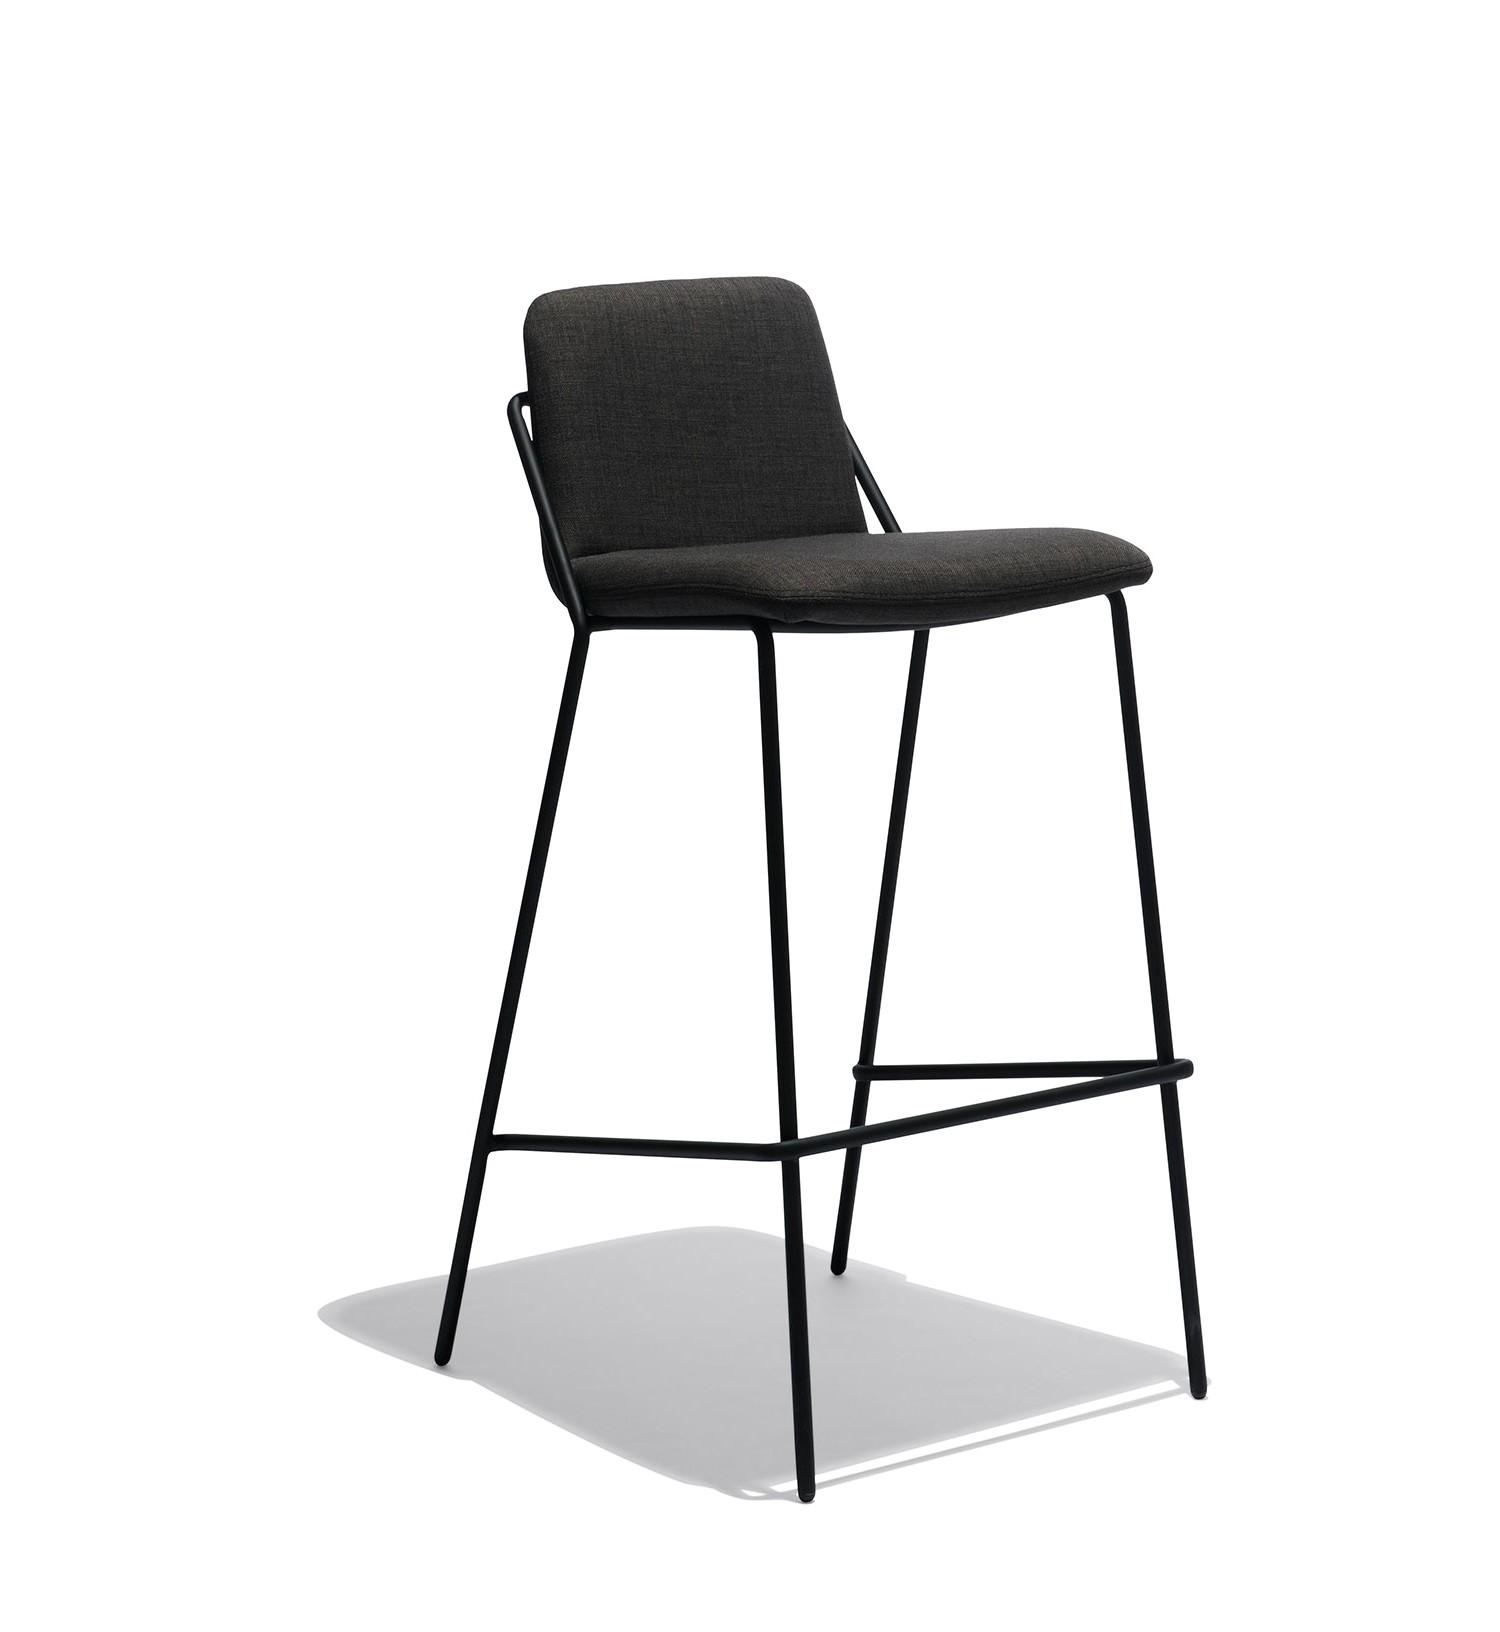 sling bar stool upholstered